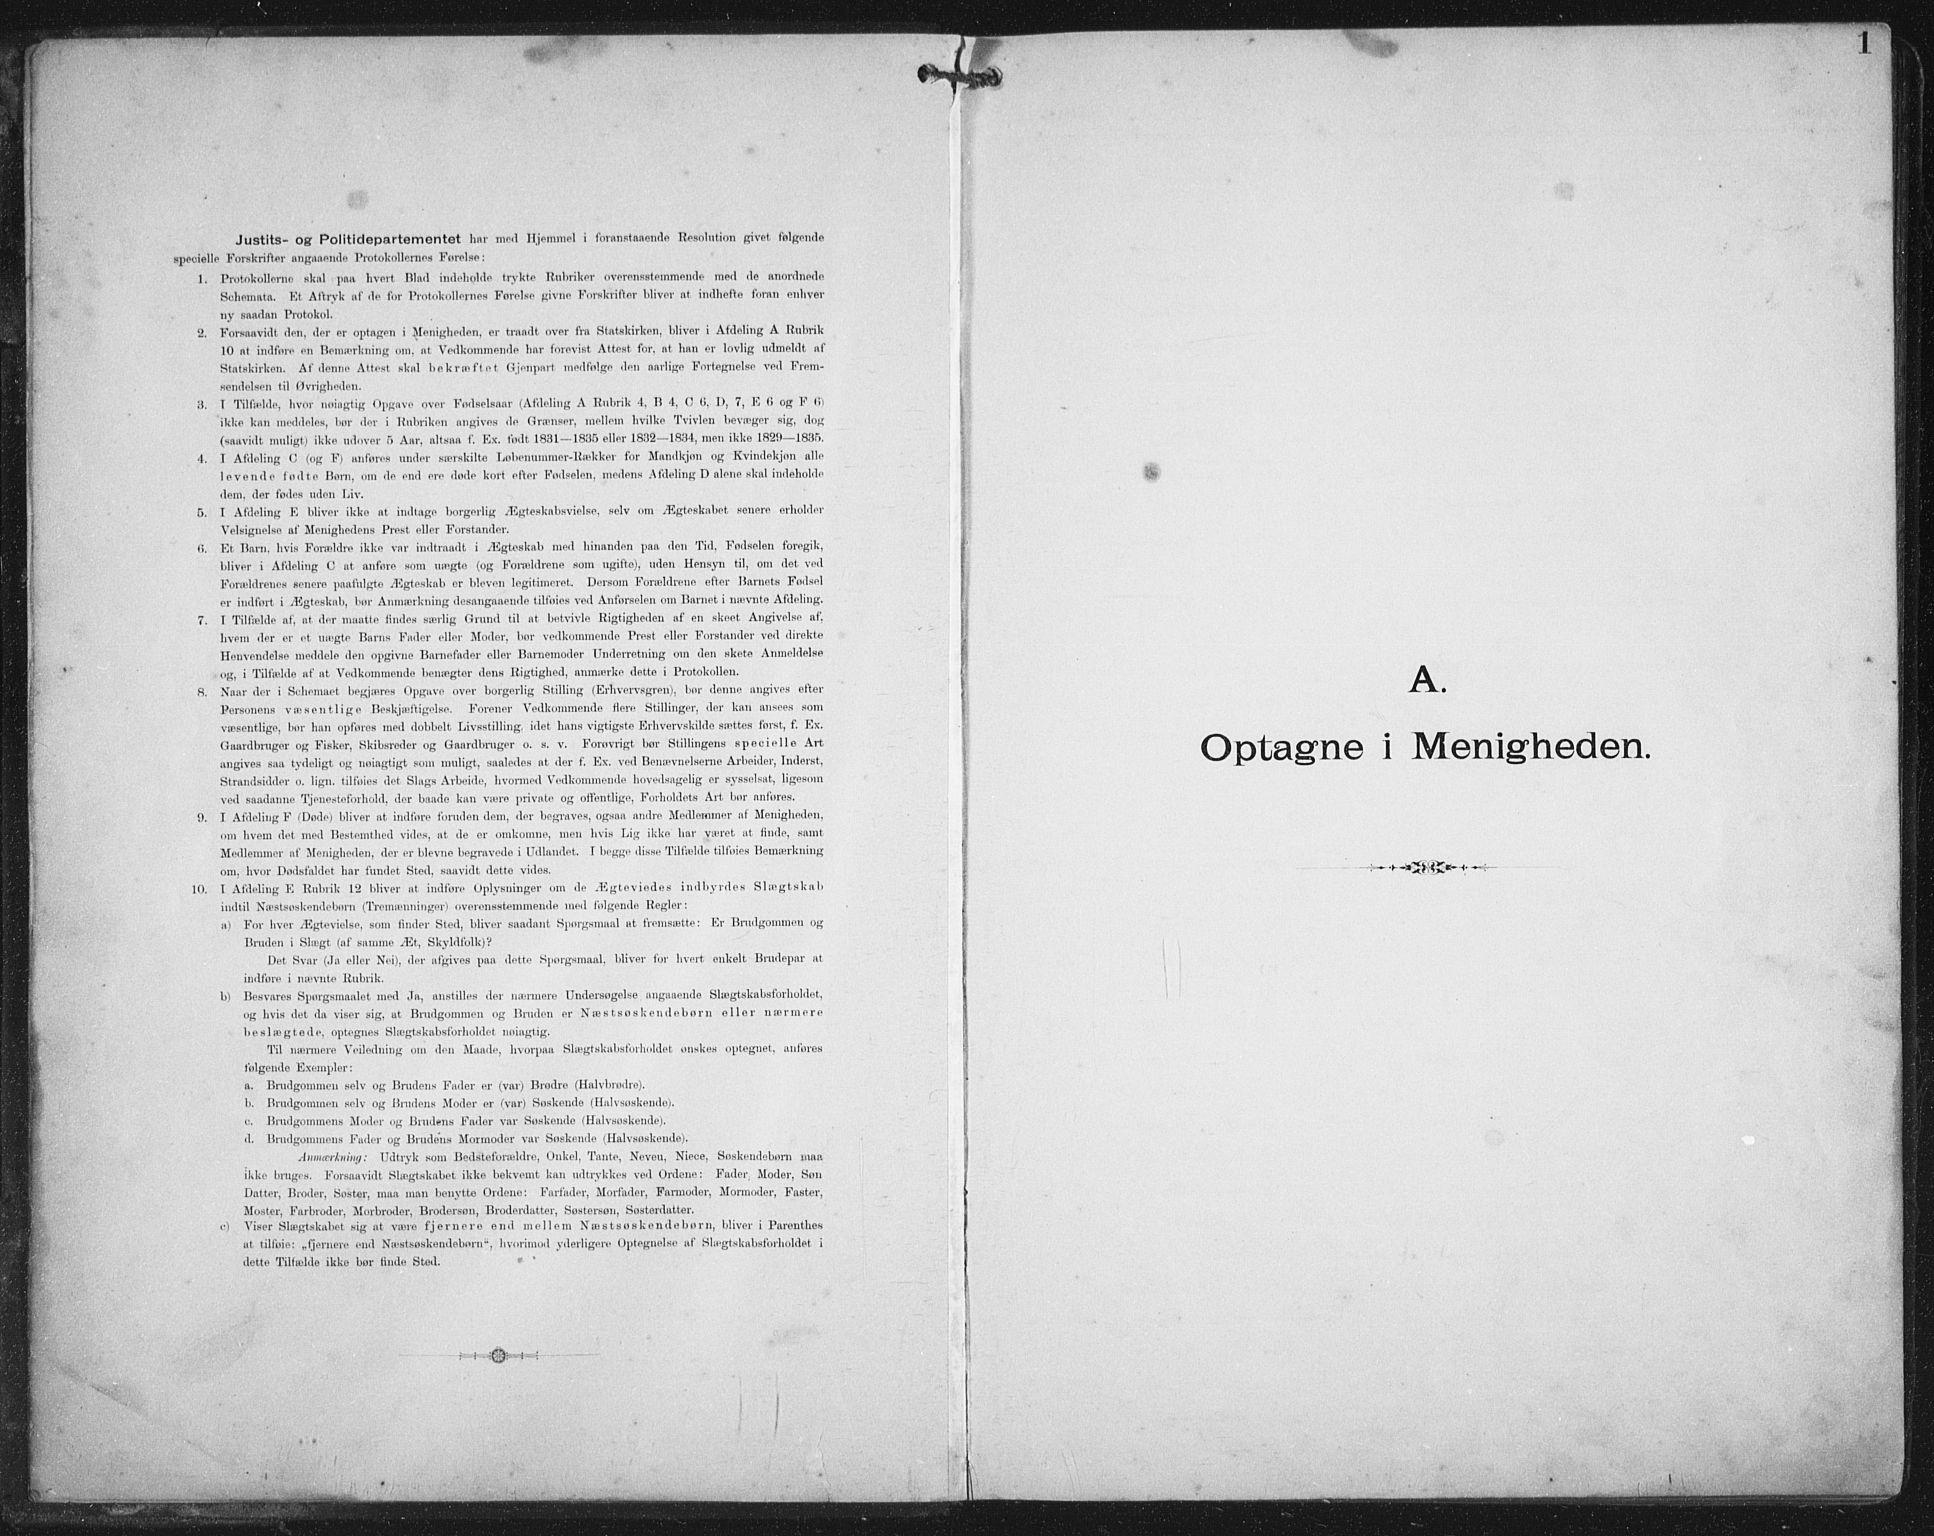 SAT, Ministerialprotokoller, klokkerbøker og fødselsregistre - Nordland, 881/L1174: Dissenterprotokoll nr. 881D01, 1891-1933, s. 1